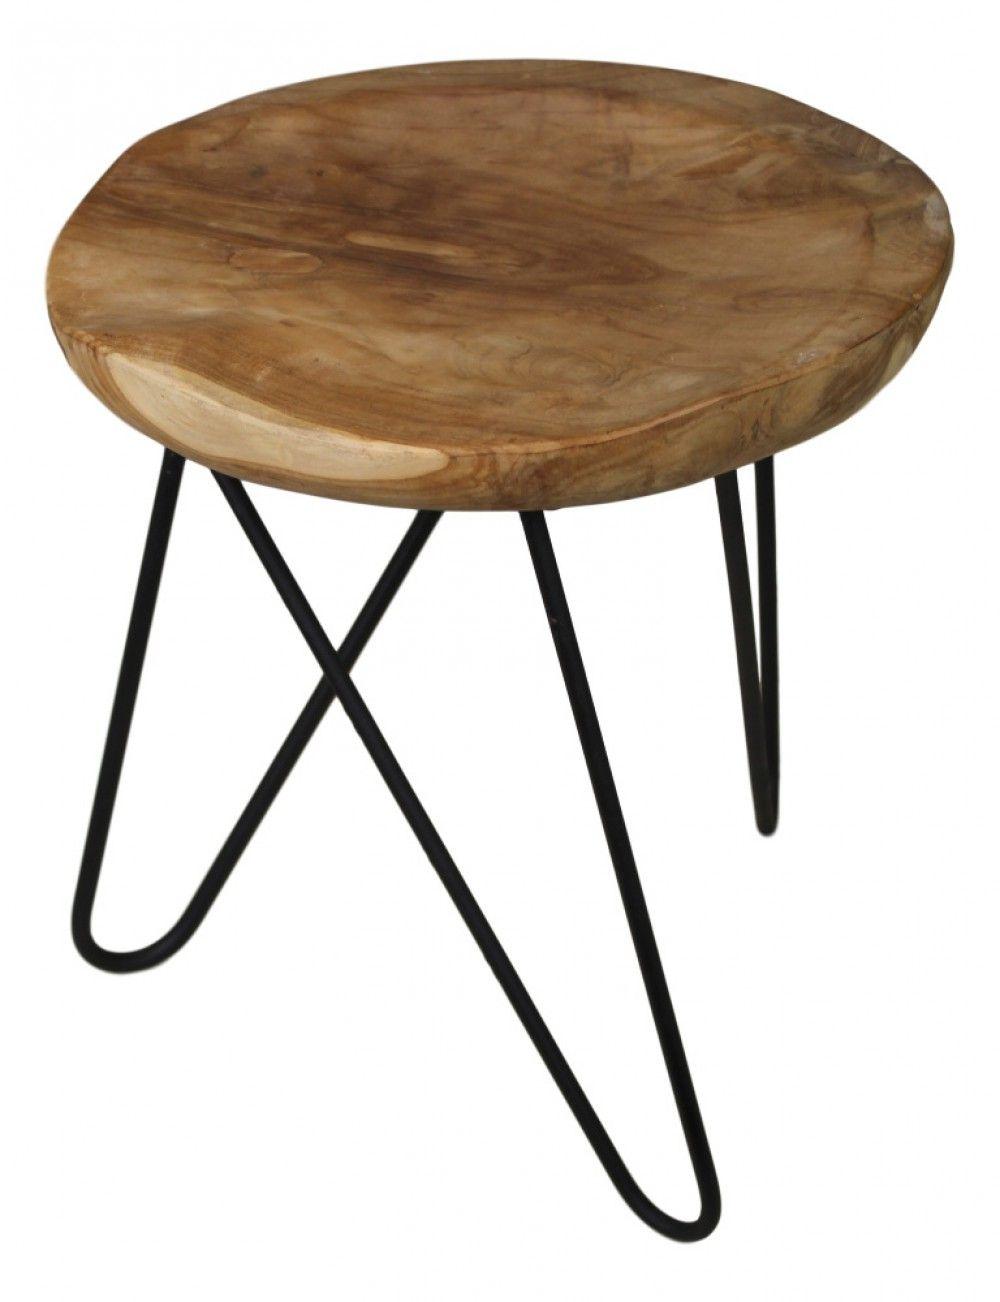 Hocker Metall Holz Holz Hocker Teak Beistelltisch Rund Holz Metall Beistelltisch Rund Holz Hocker Metall Hocker Holz